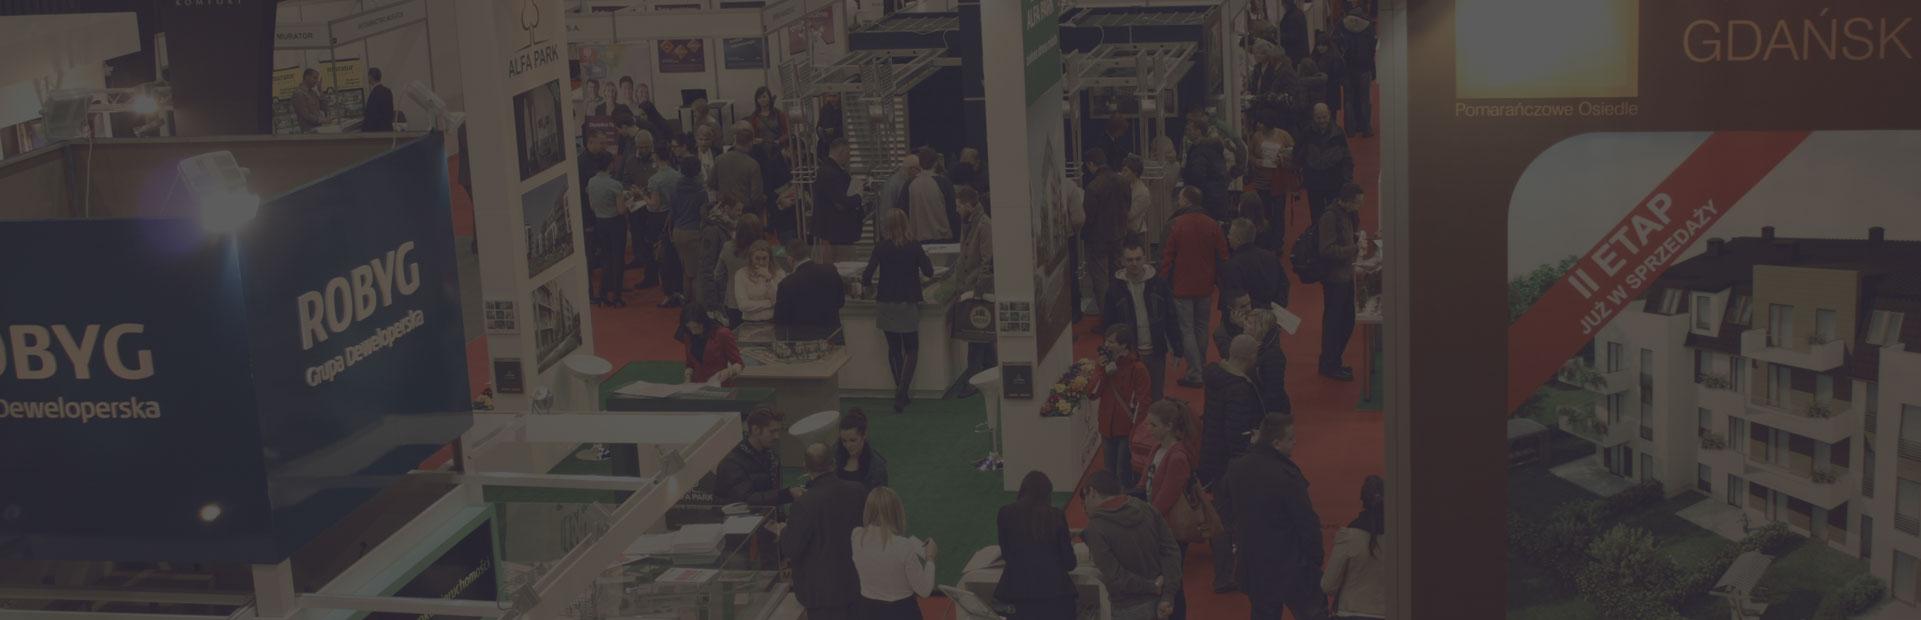 2 dni, 30 ekspertów, ponad 100 wystawców